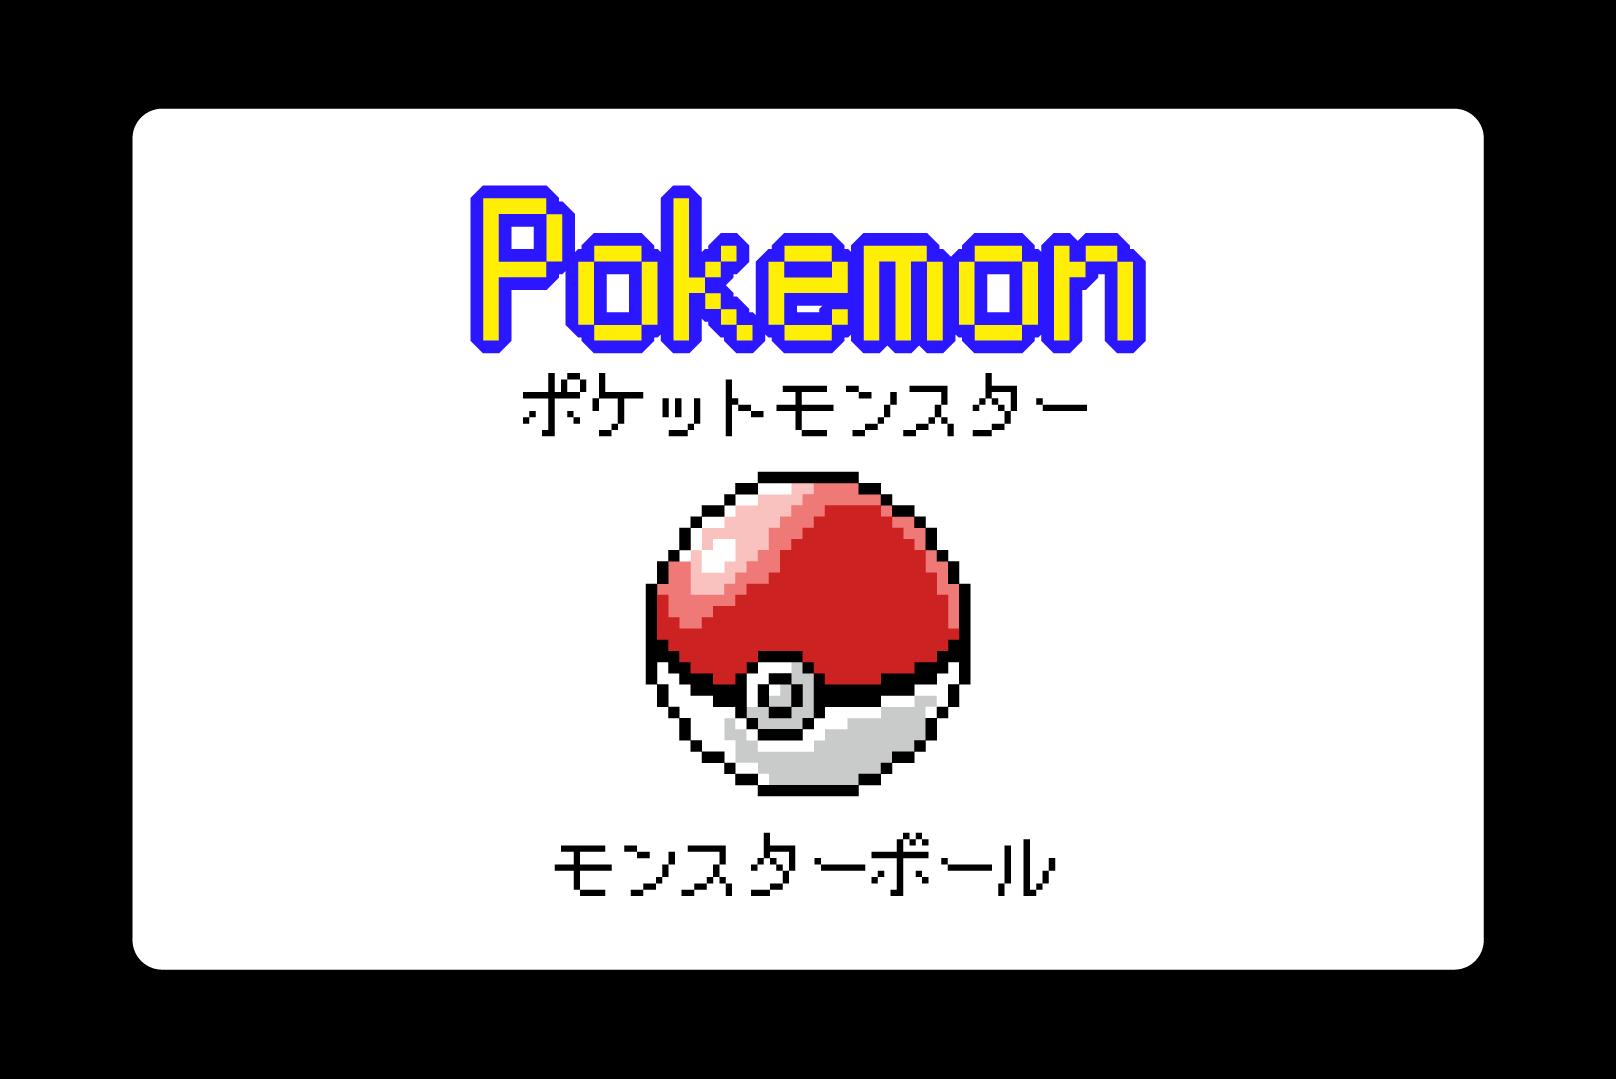 【ポケットモンスター】モンスターボールのアイロンビーズ図案【ポケモン】